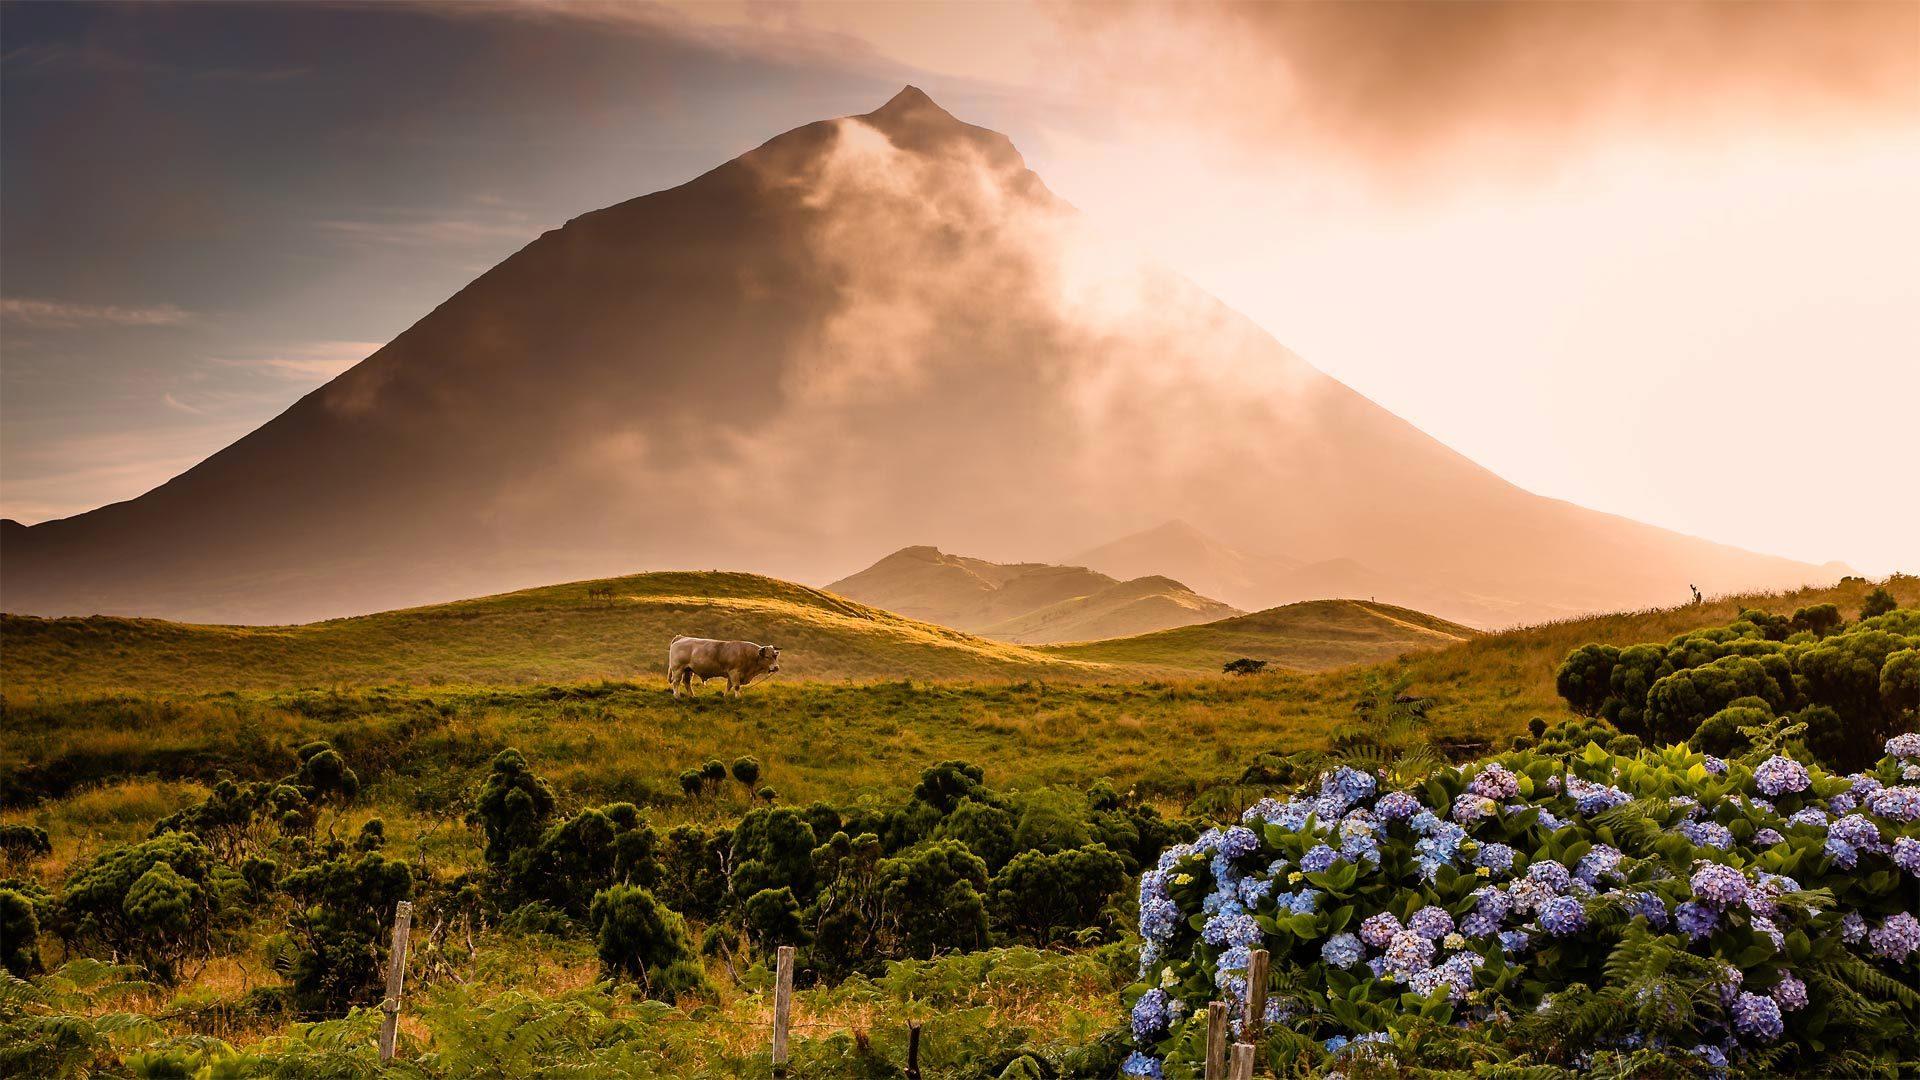 一头公牛站在皮库山前的田野中皮库山